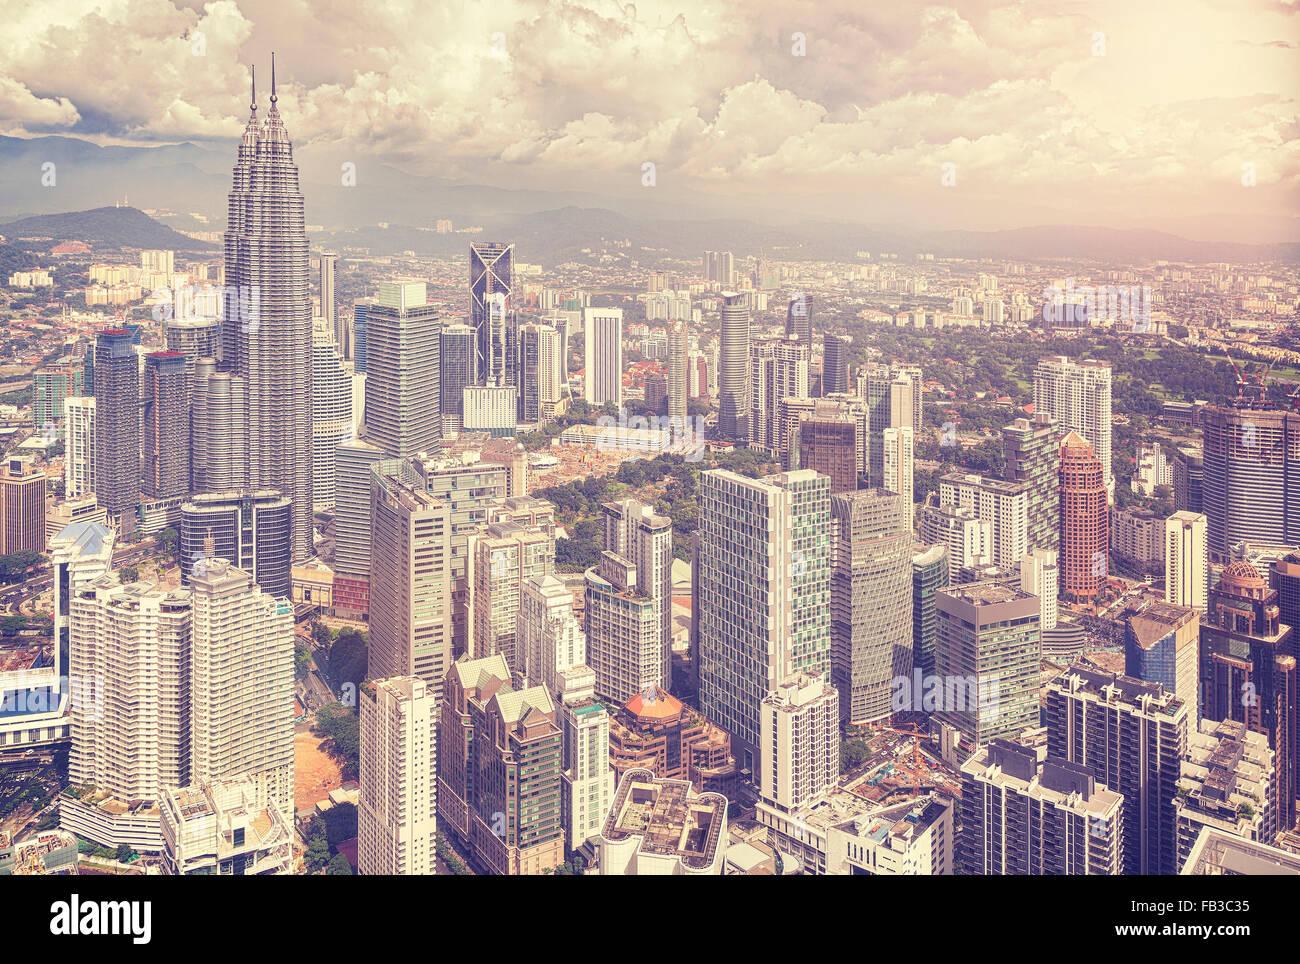 Vintage stilisierte Foto Skyline von Kuala Lumpur, Malaysia. Stockbild